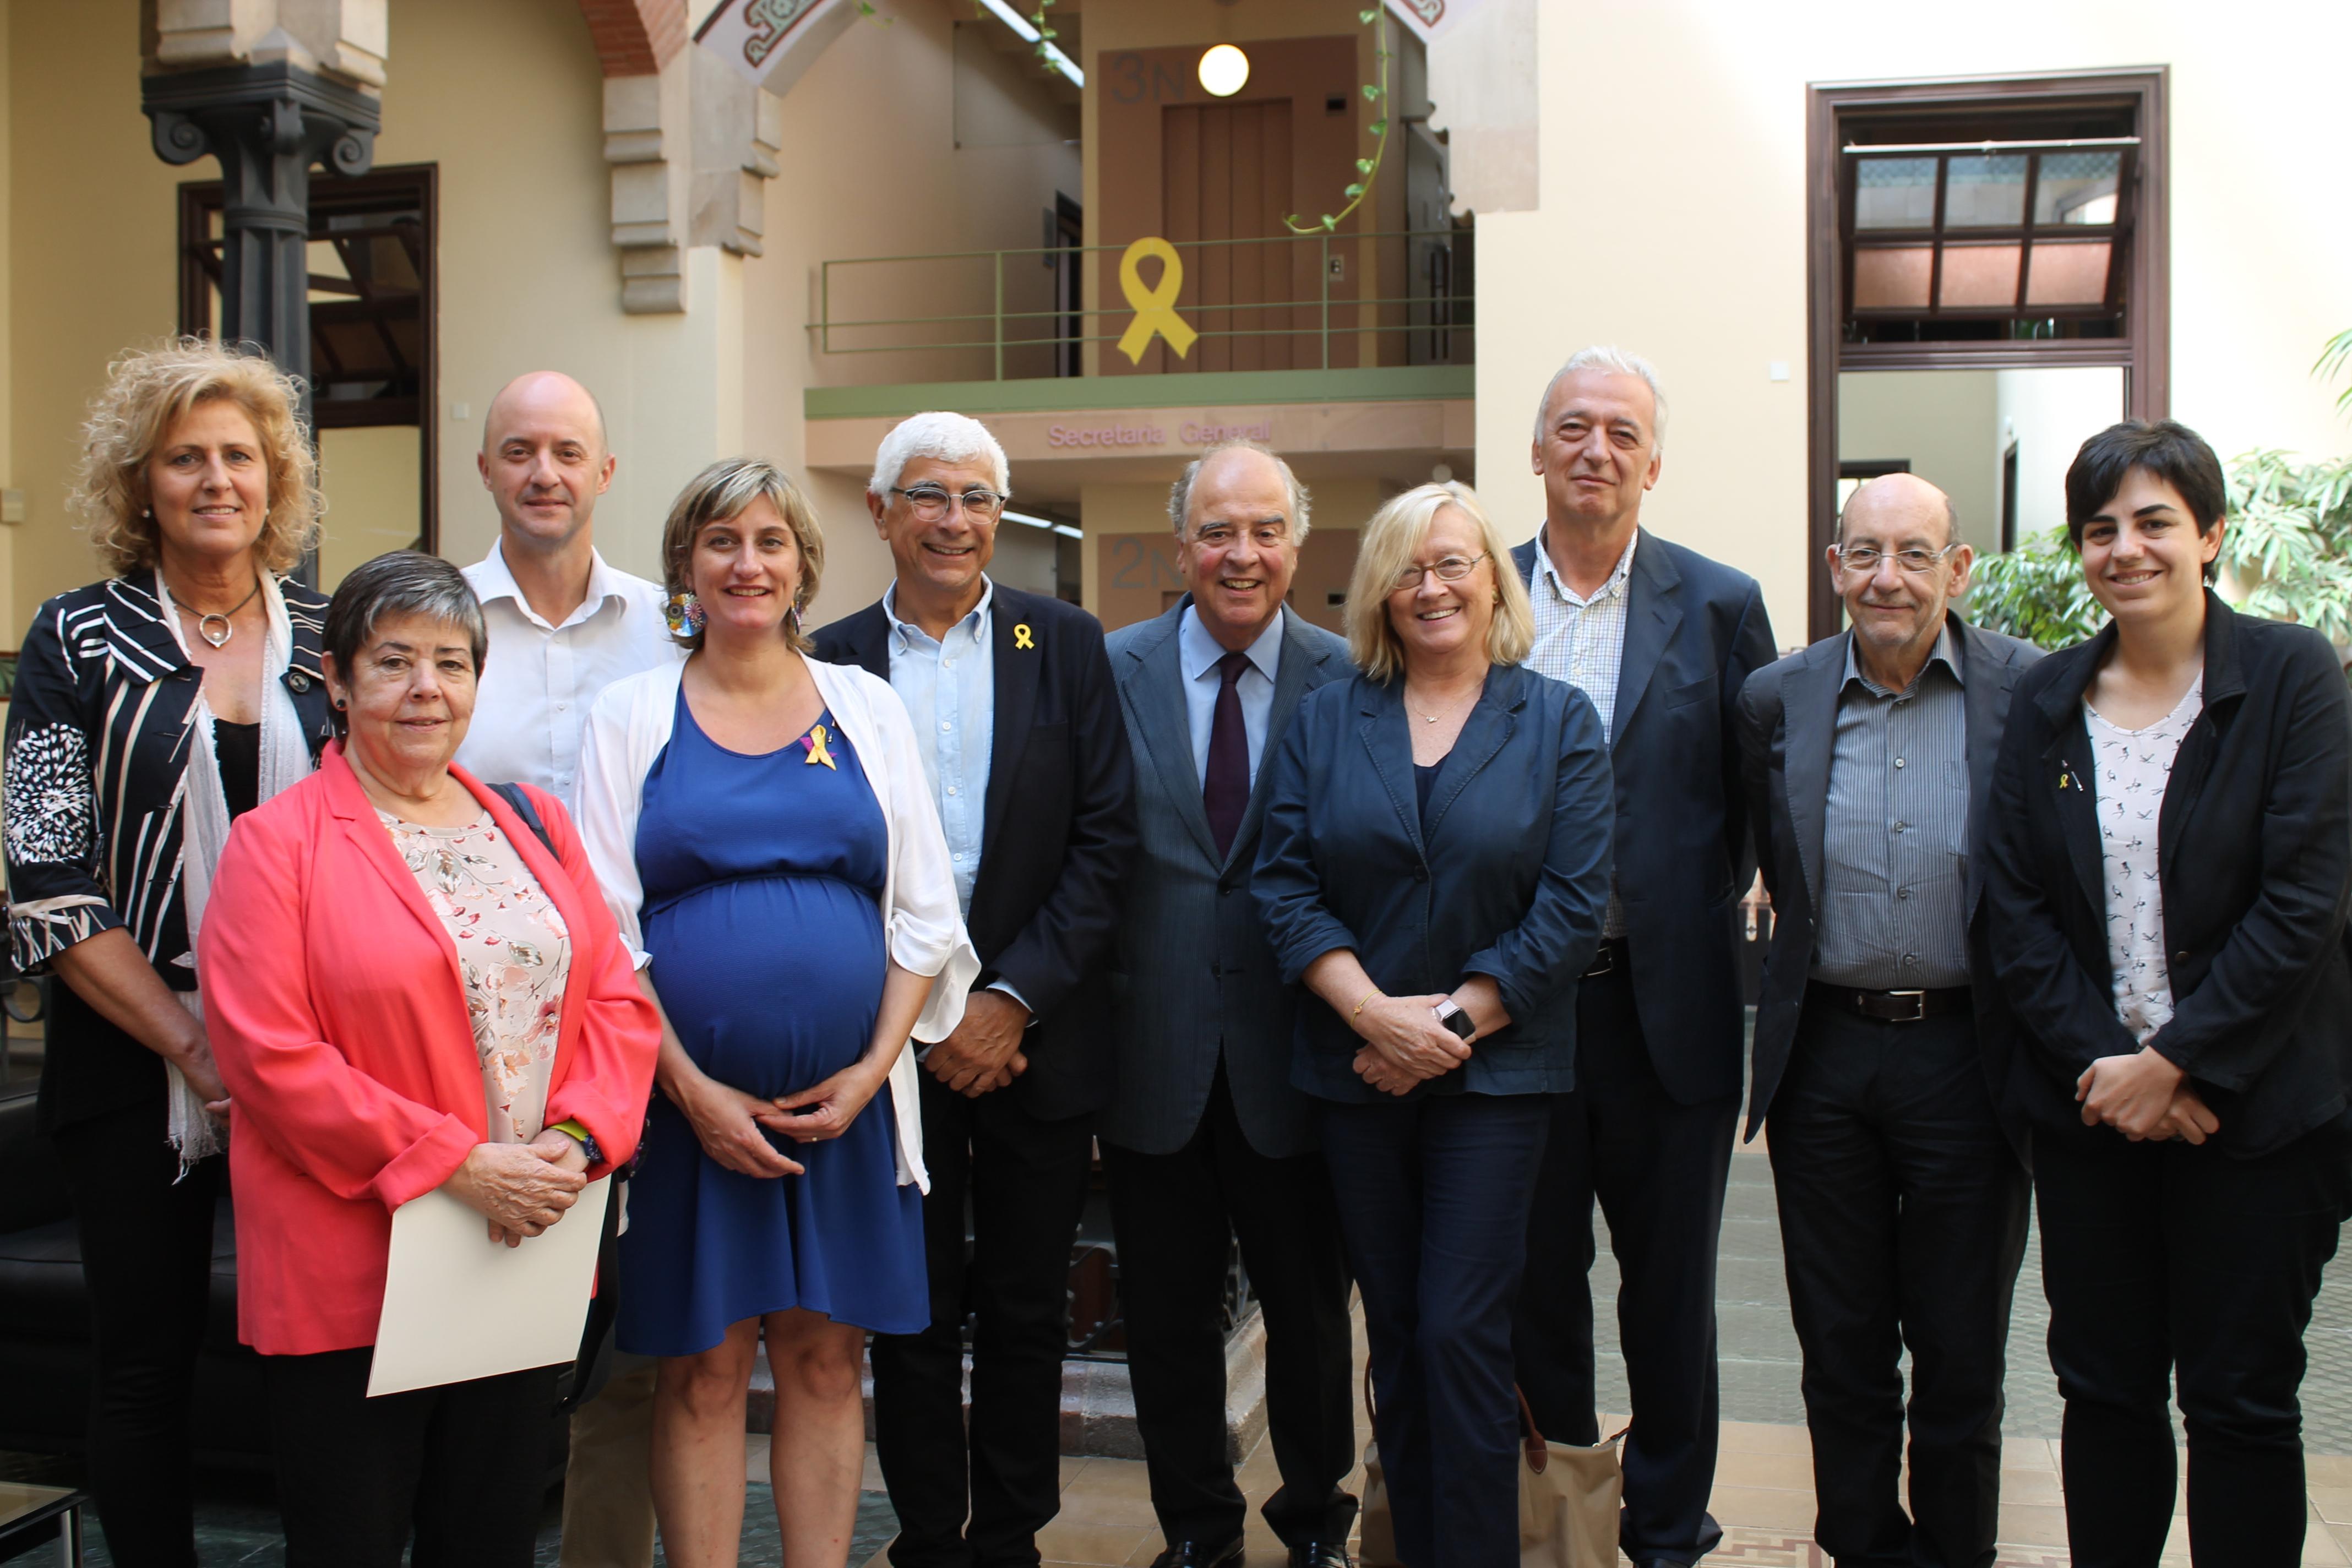 La consellera de Salut, Alba Vergés, ha presidit la primera reunió del Consell Assessor de Salut d'aquesta legislatura